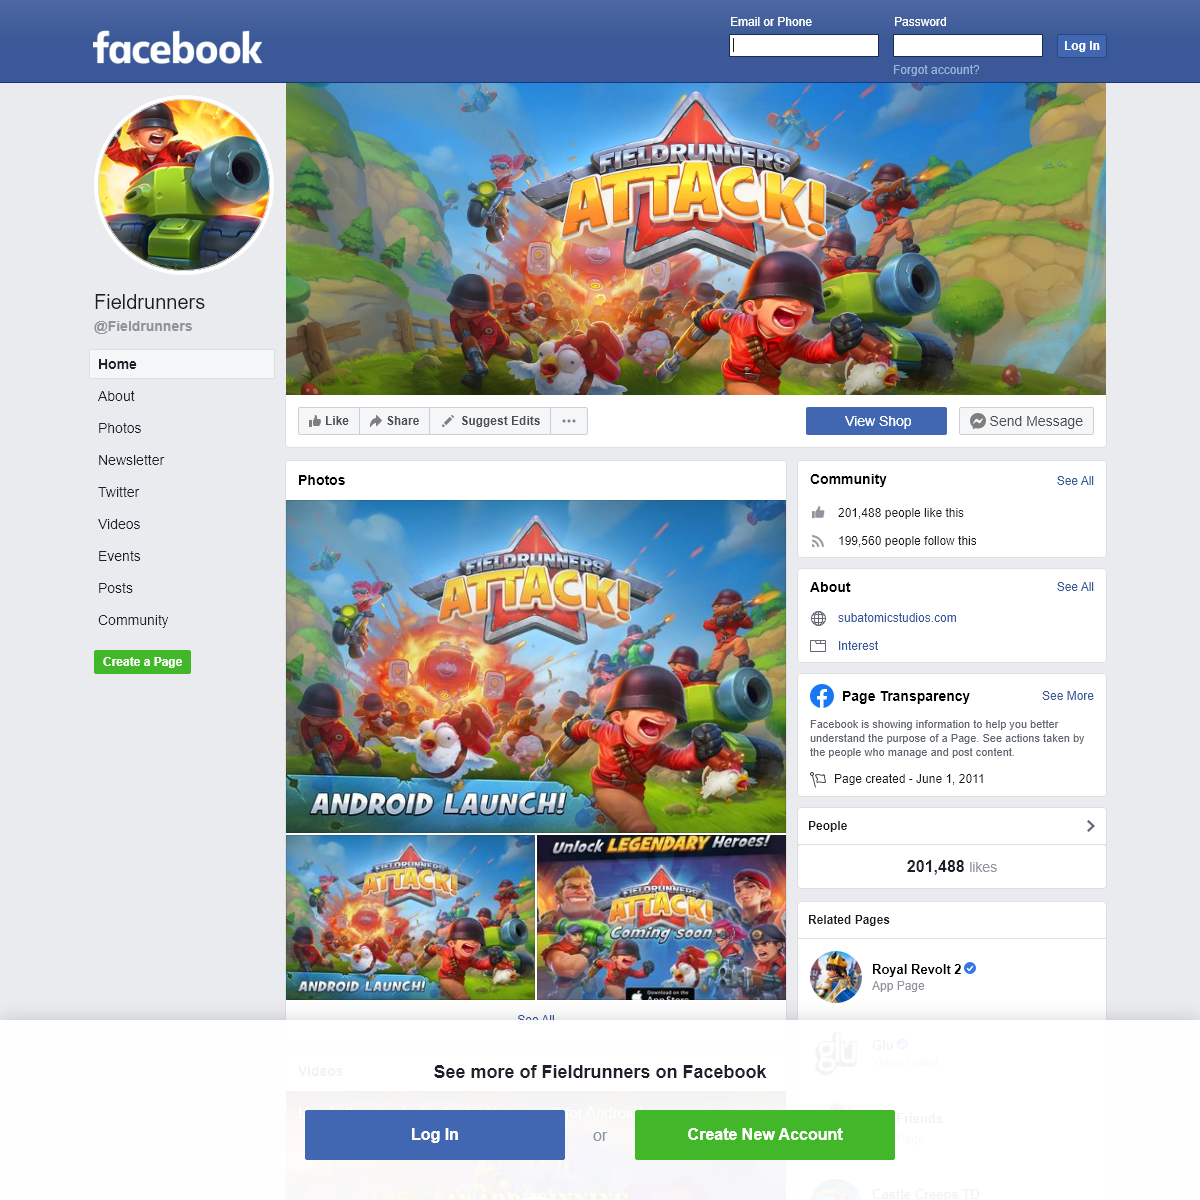 Fieldrunners - Home - Facebook